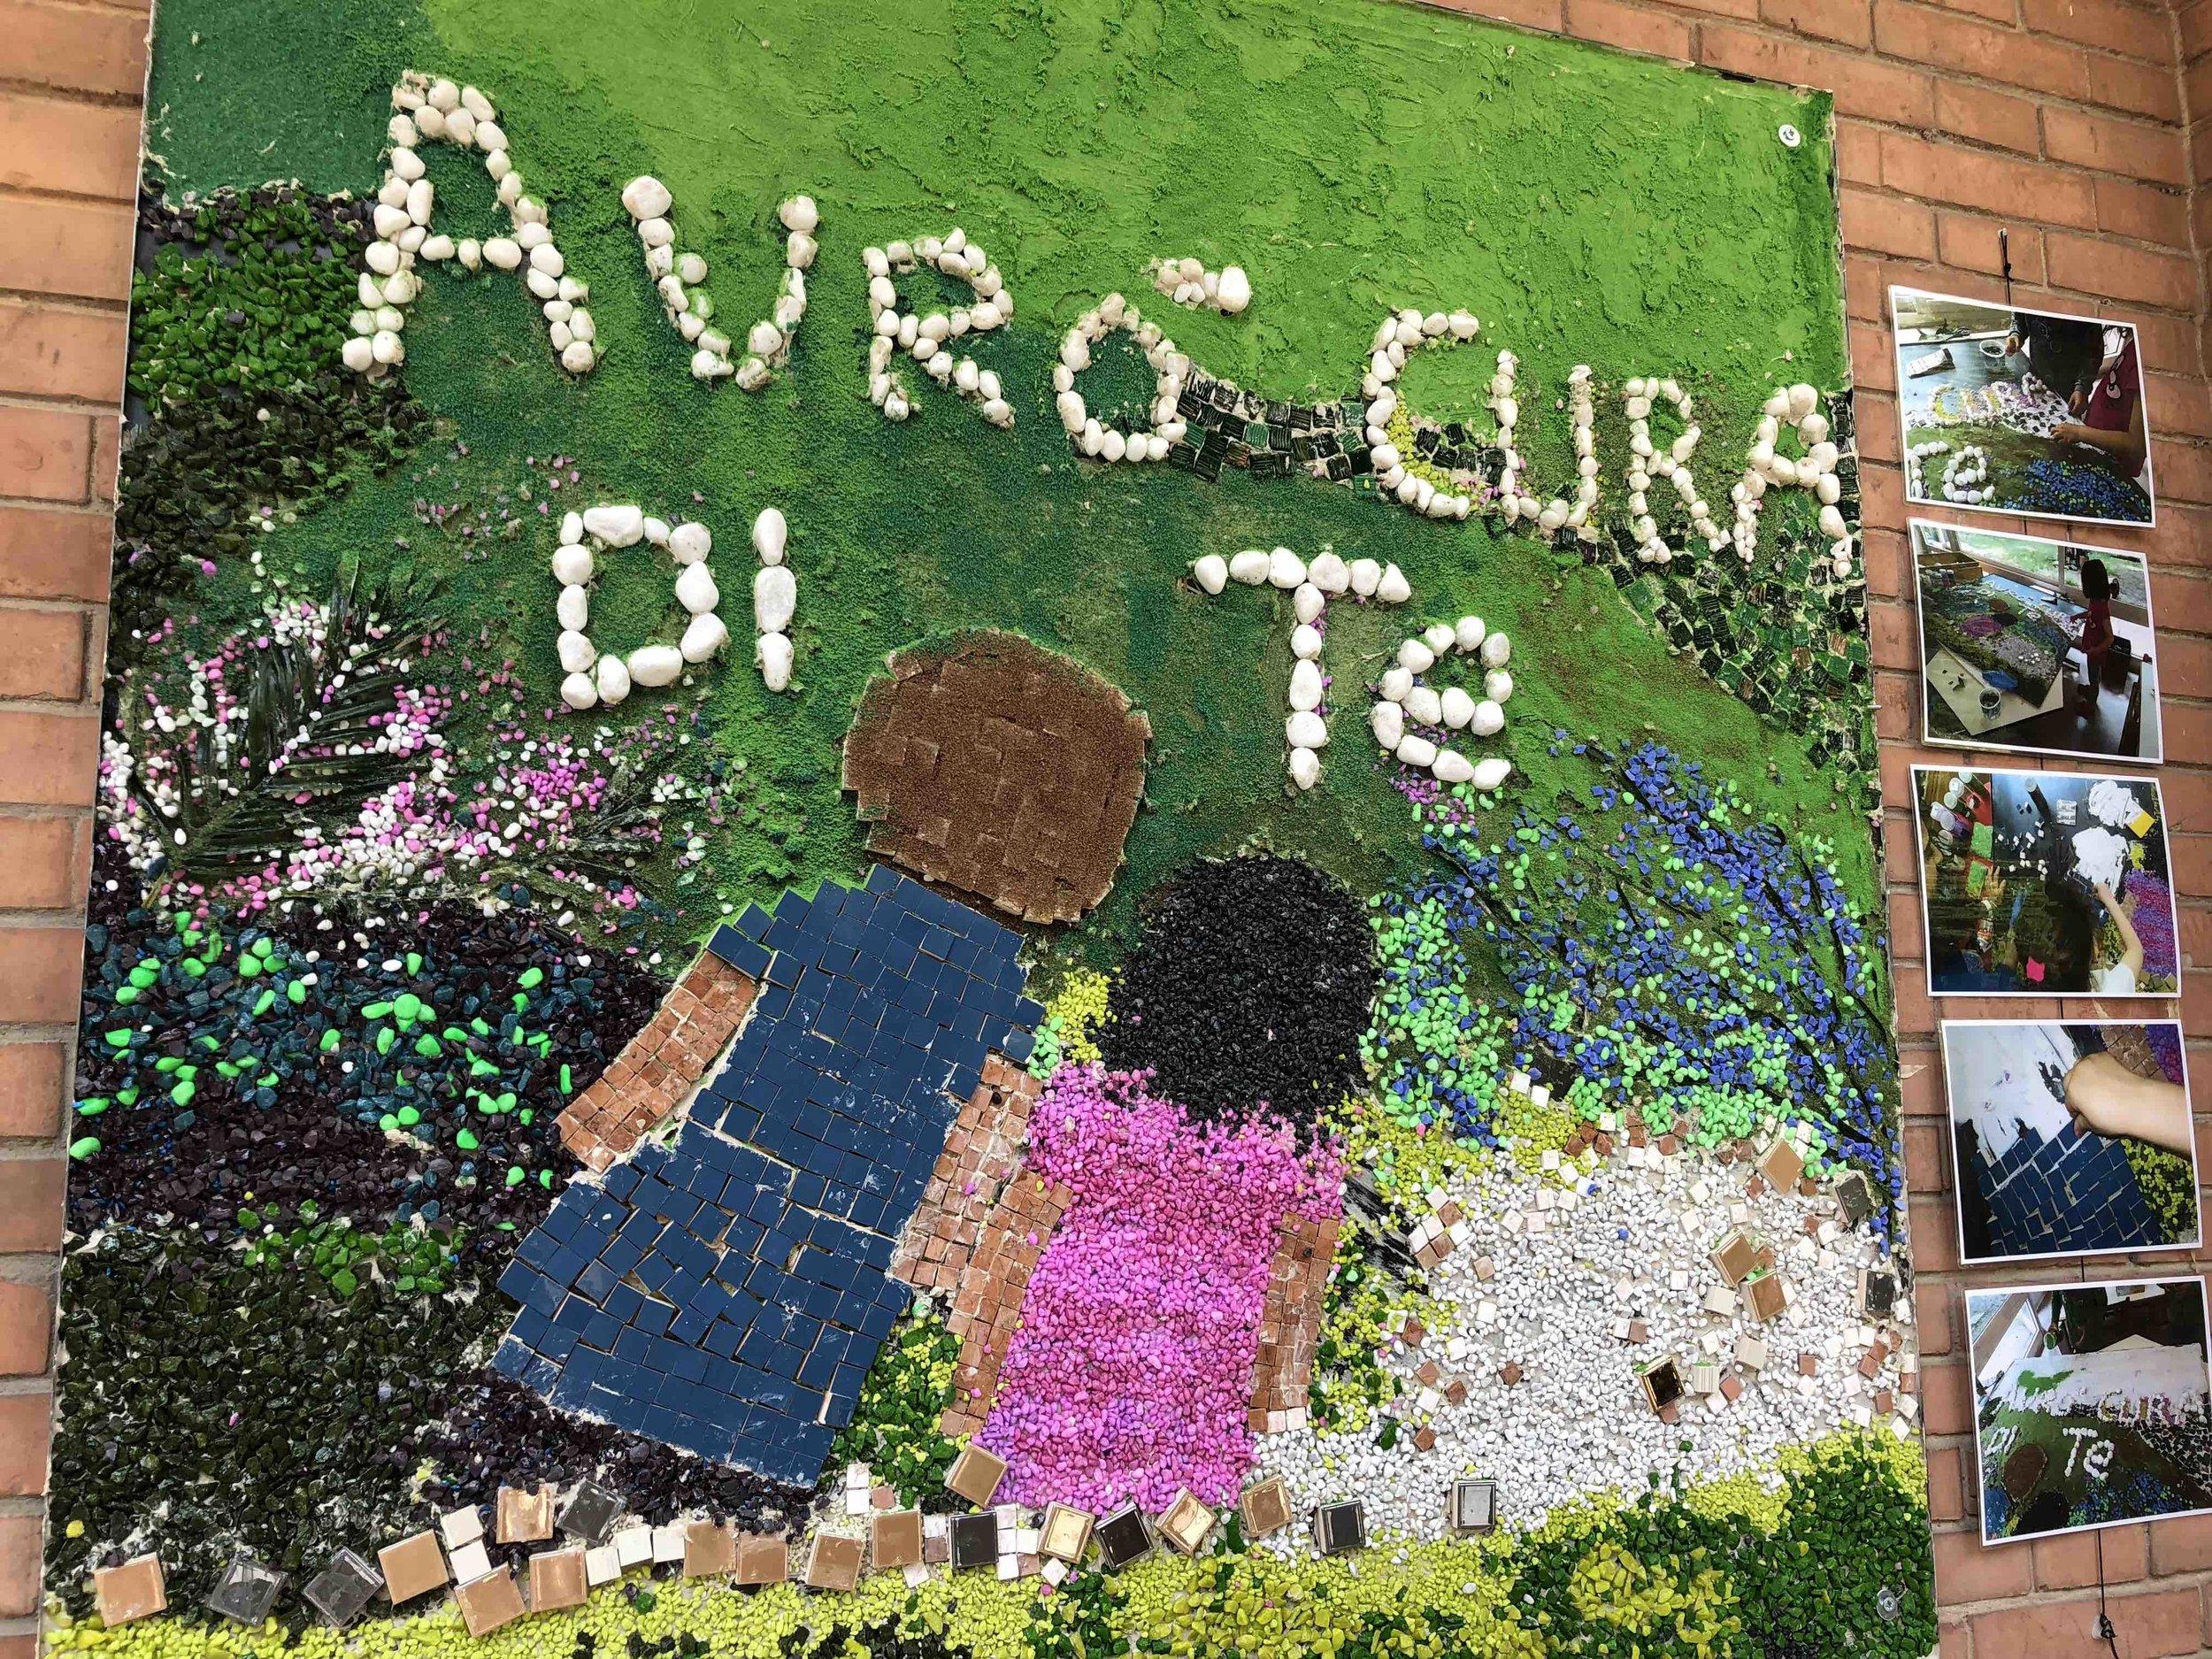 こちらは教会系(レッジョアプローチではない)園の園児が作成したモザイク画。いつも見守ってるよ、と言ったメッセージで、今年のテーマだそうです。